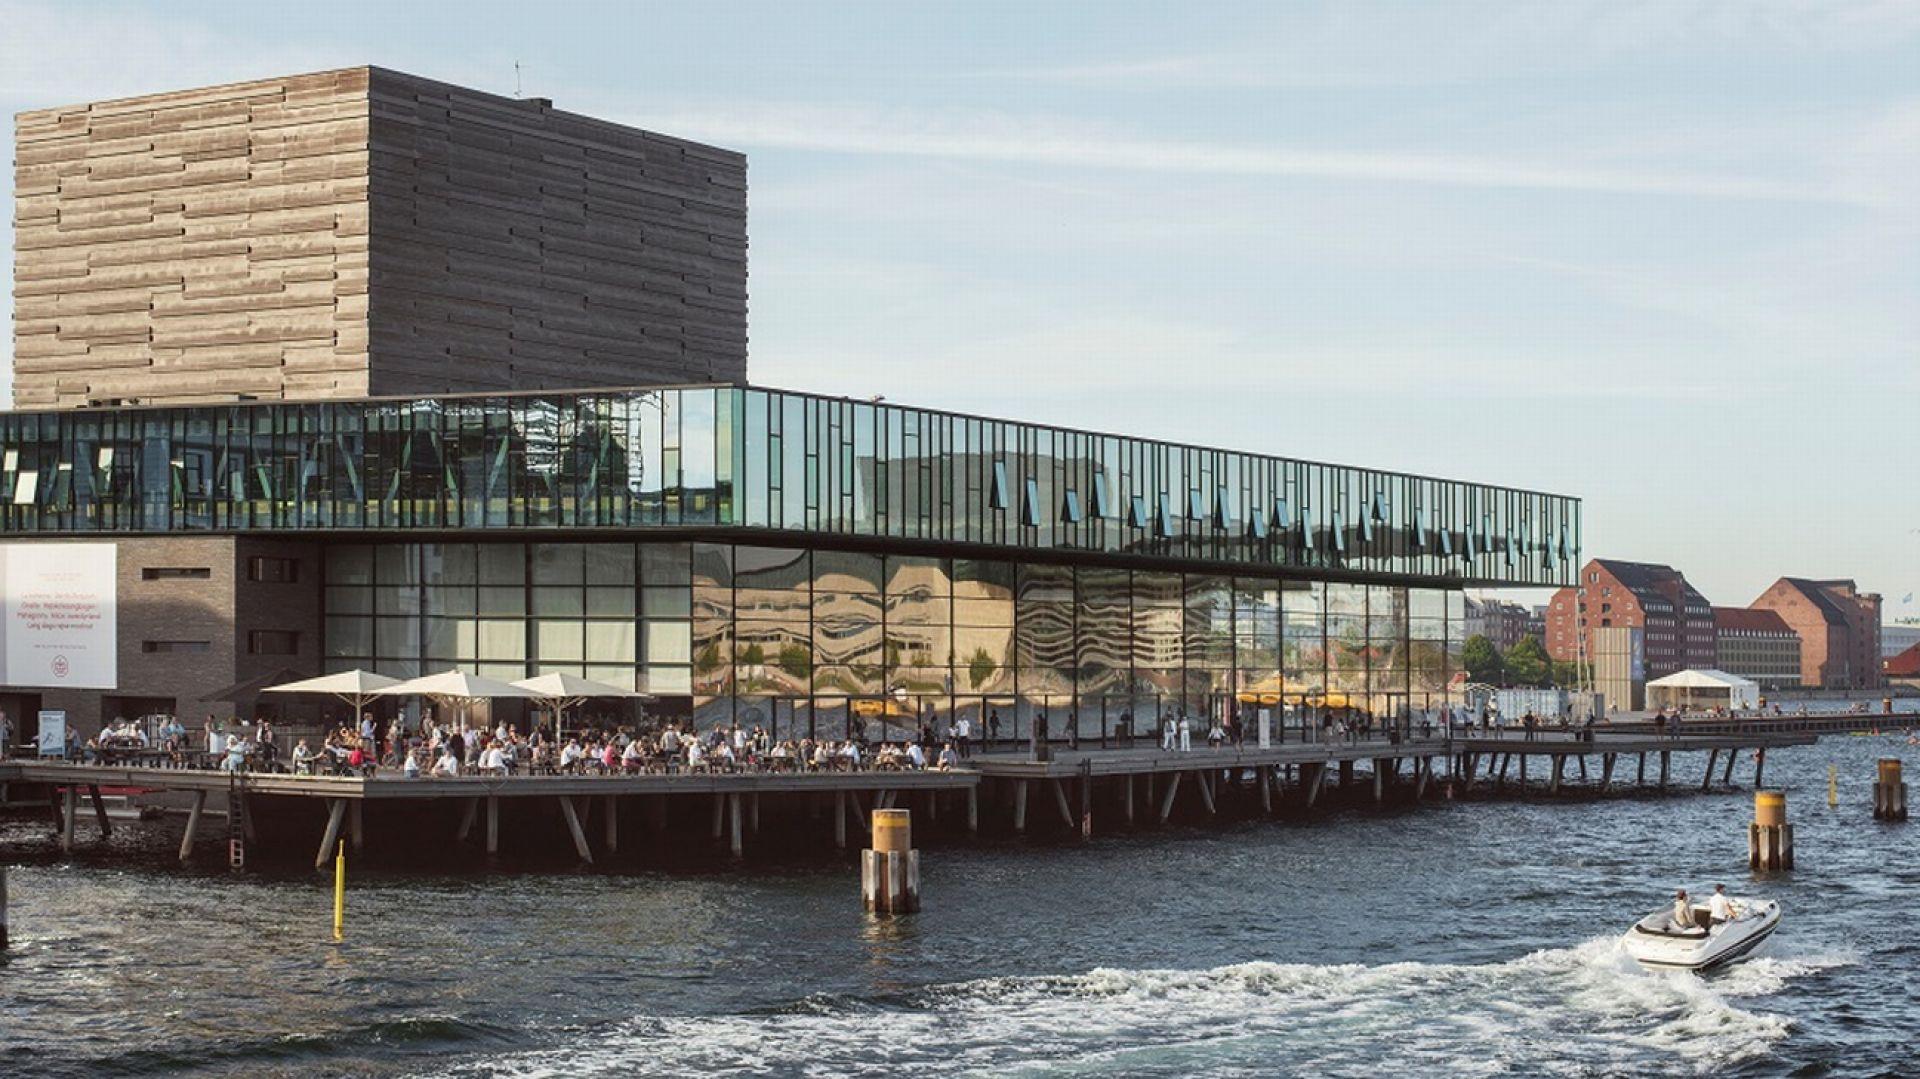 Jednym z głównych problemów w trakcie budowy Duńskiego Teatru Królewskiego w Kopenhadze, było zapewnienie skutecznego odwodnienia. Fot. Weber Leca®